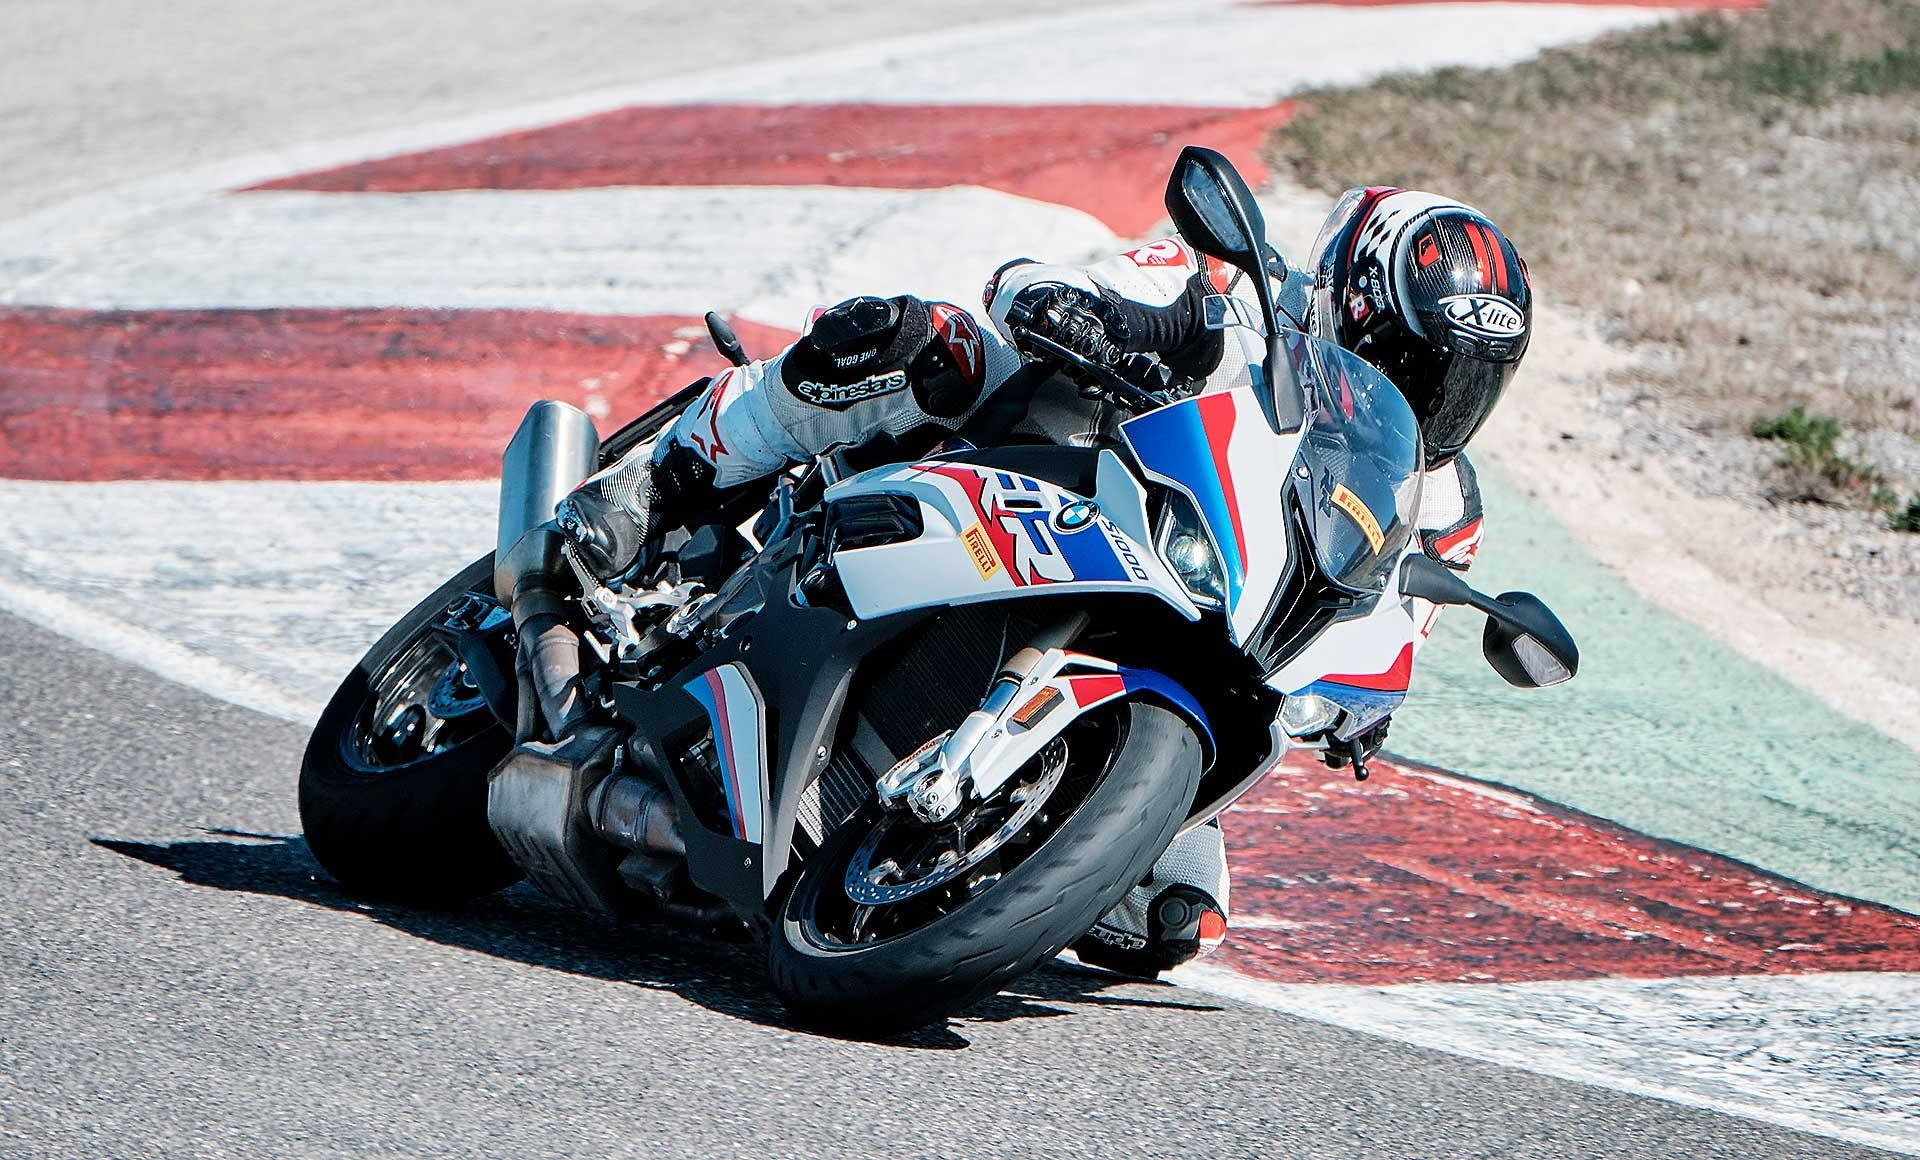 Pirelli Diablo Rosso IV in azione in pista con BMW S 1000 RR